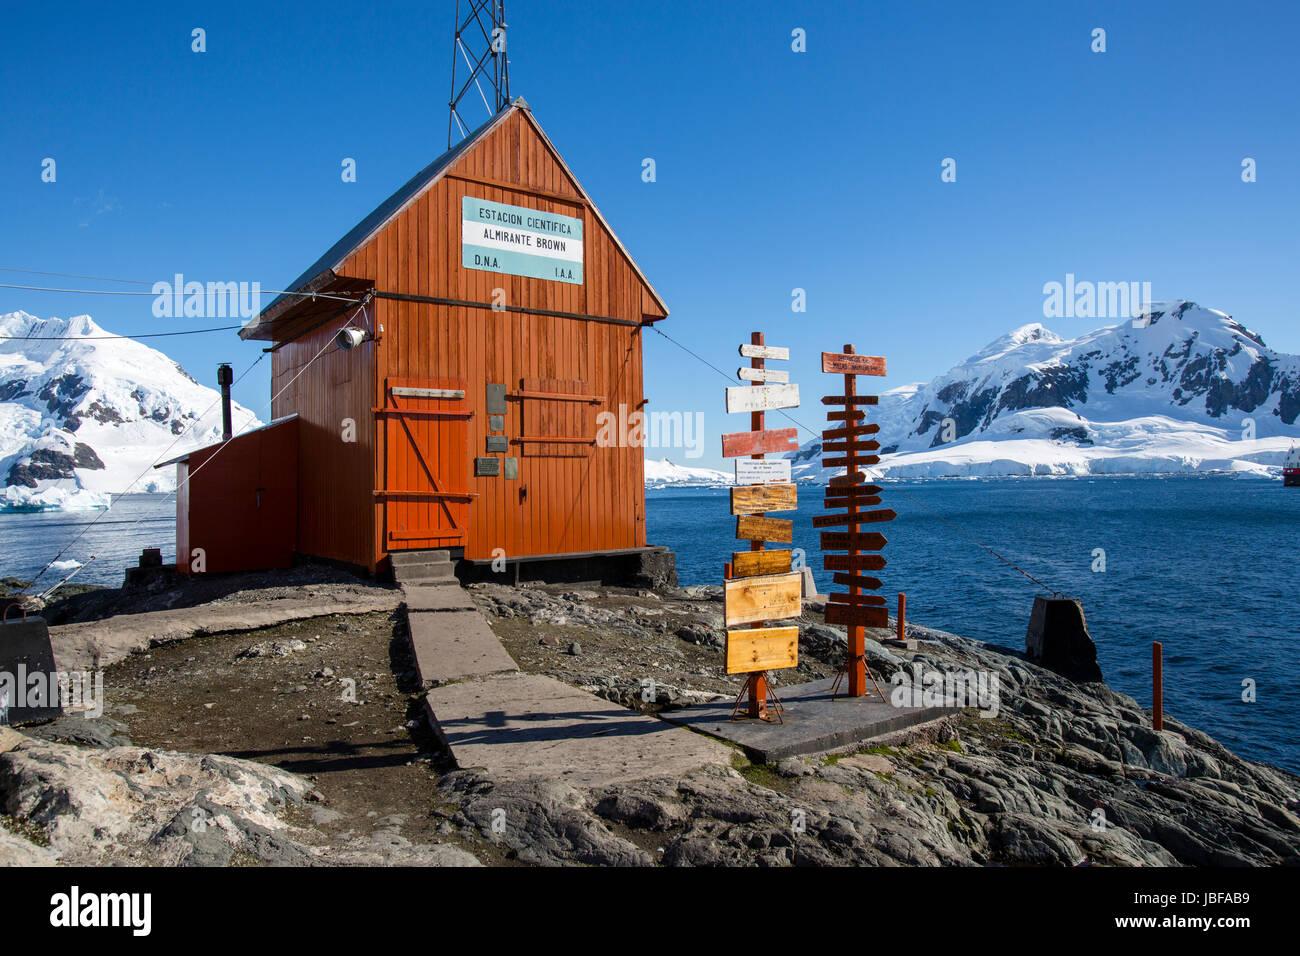 Almirante Brown Argentina stazione di ricerca, Antartide Immagini Stock